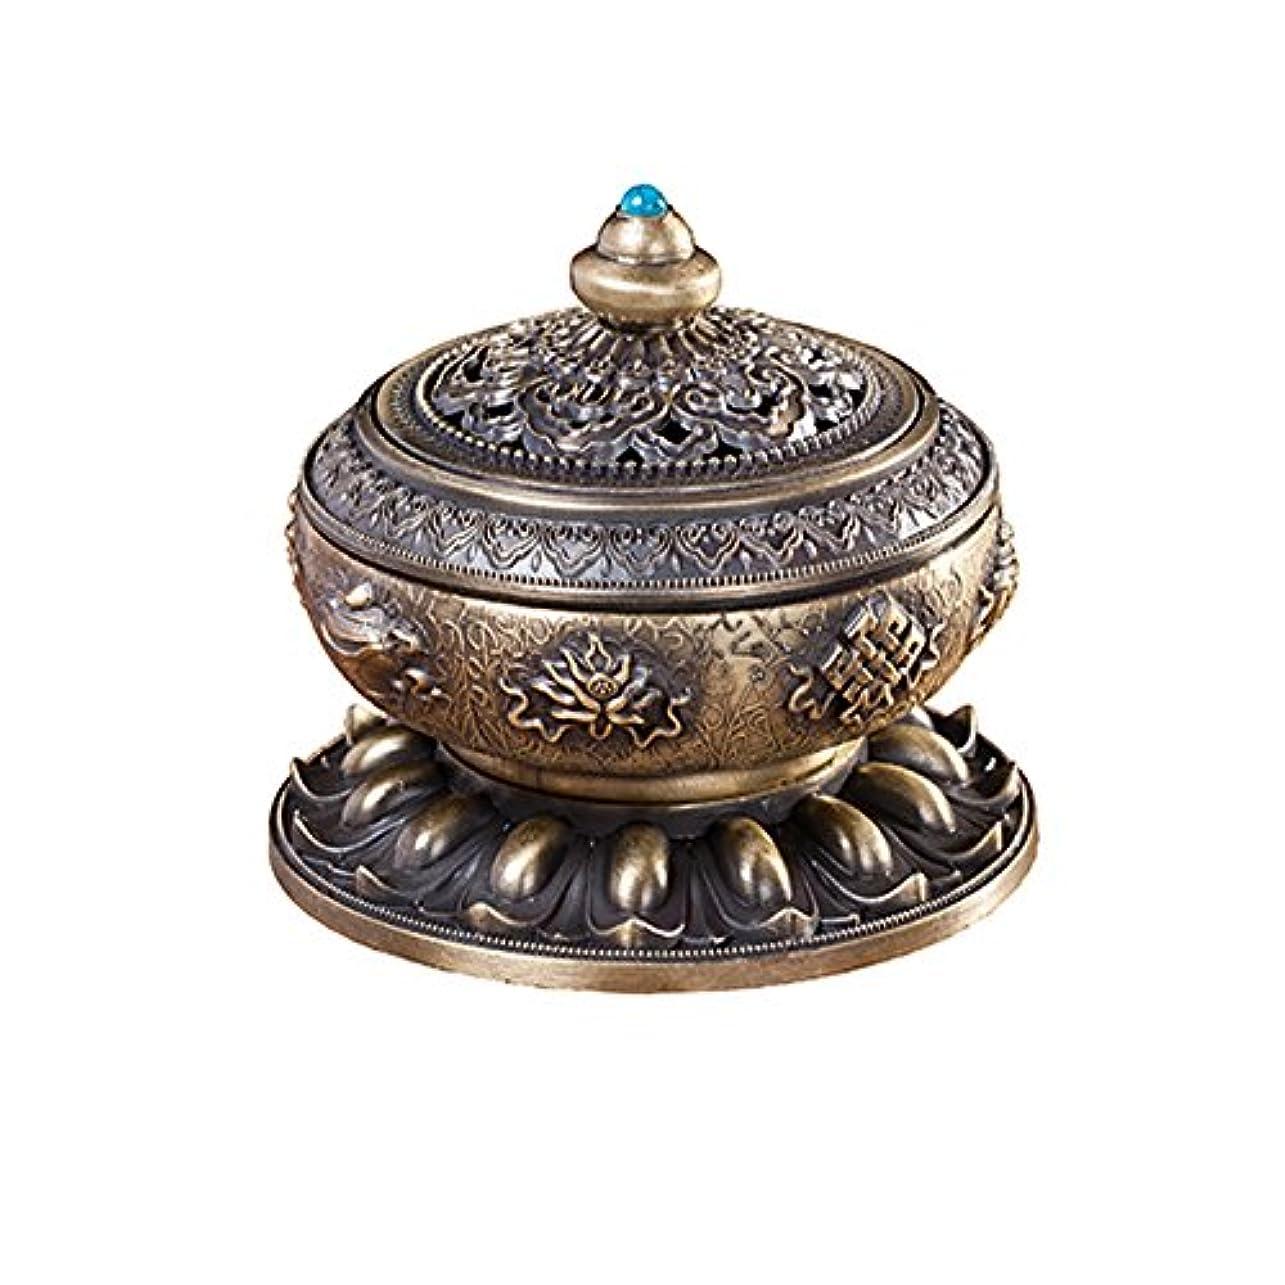 従順淡いくつろぐBUYSEEY 家用 アロマ香炉 青銅 ブロンズ 丸香炉 お香立て 渦巻き線香 などに 香立て付き (S)